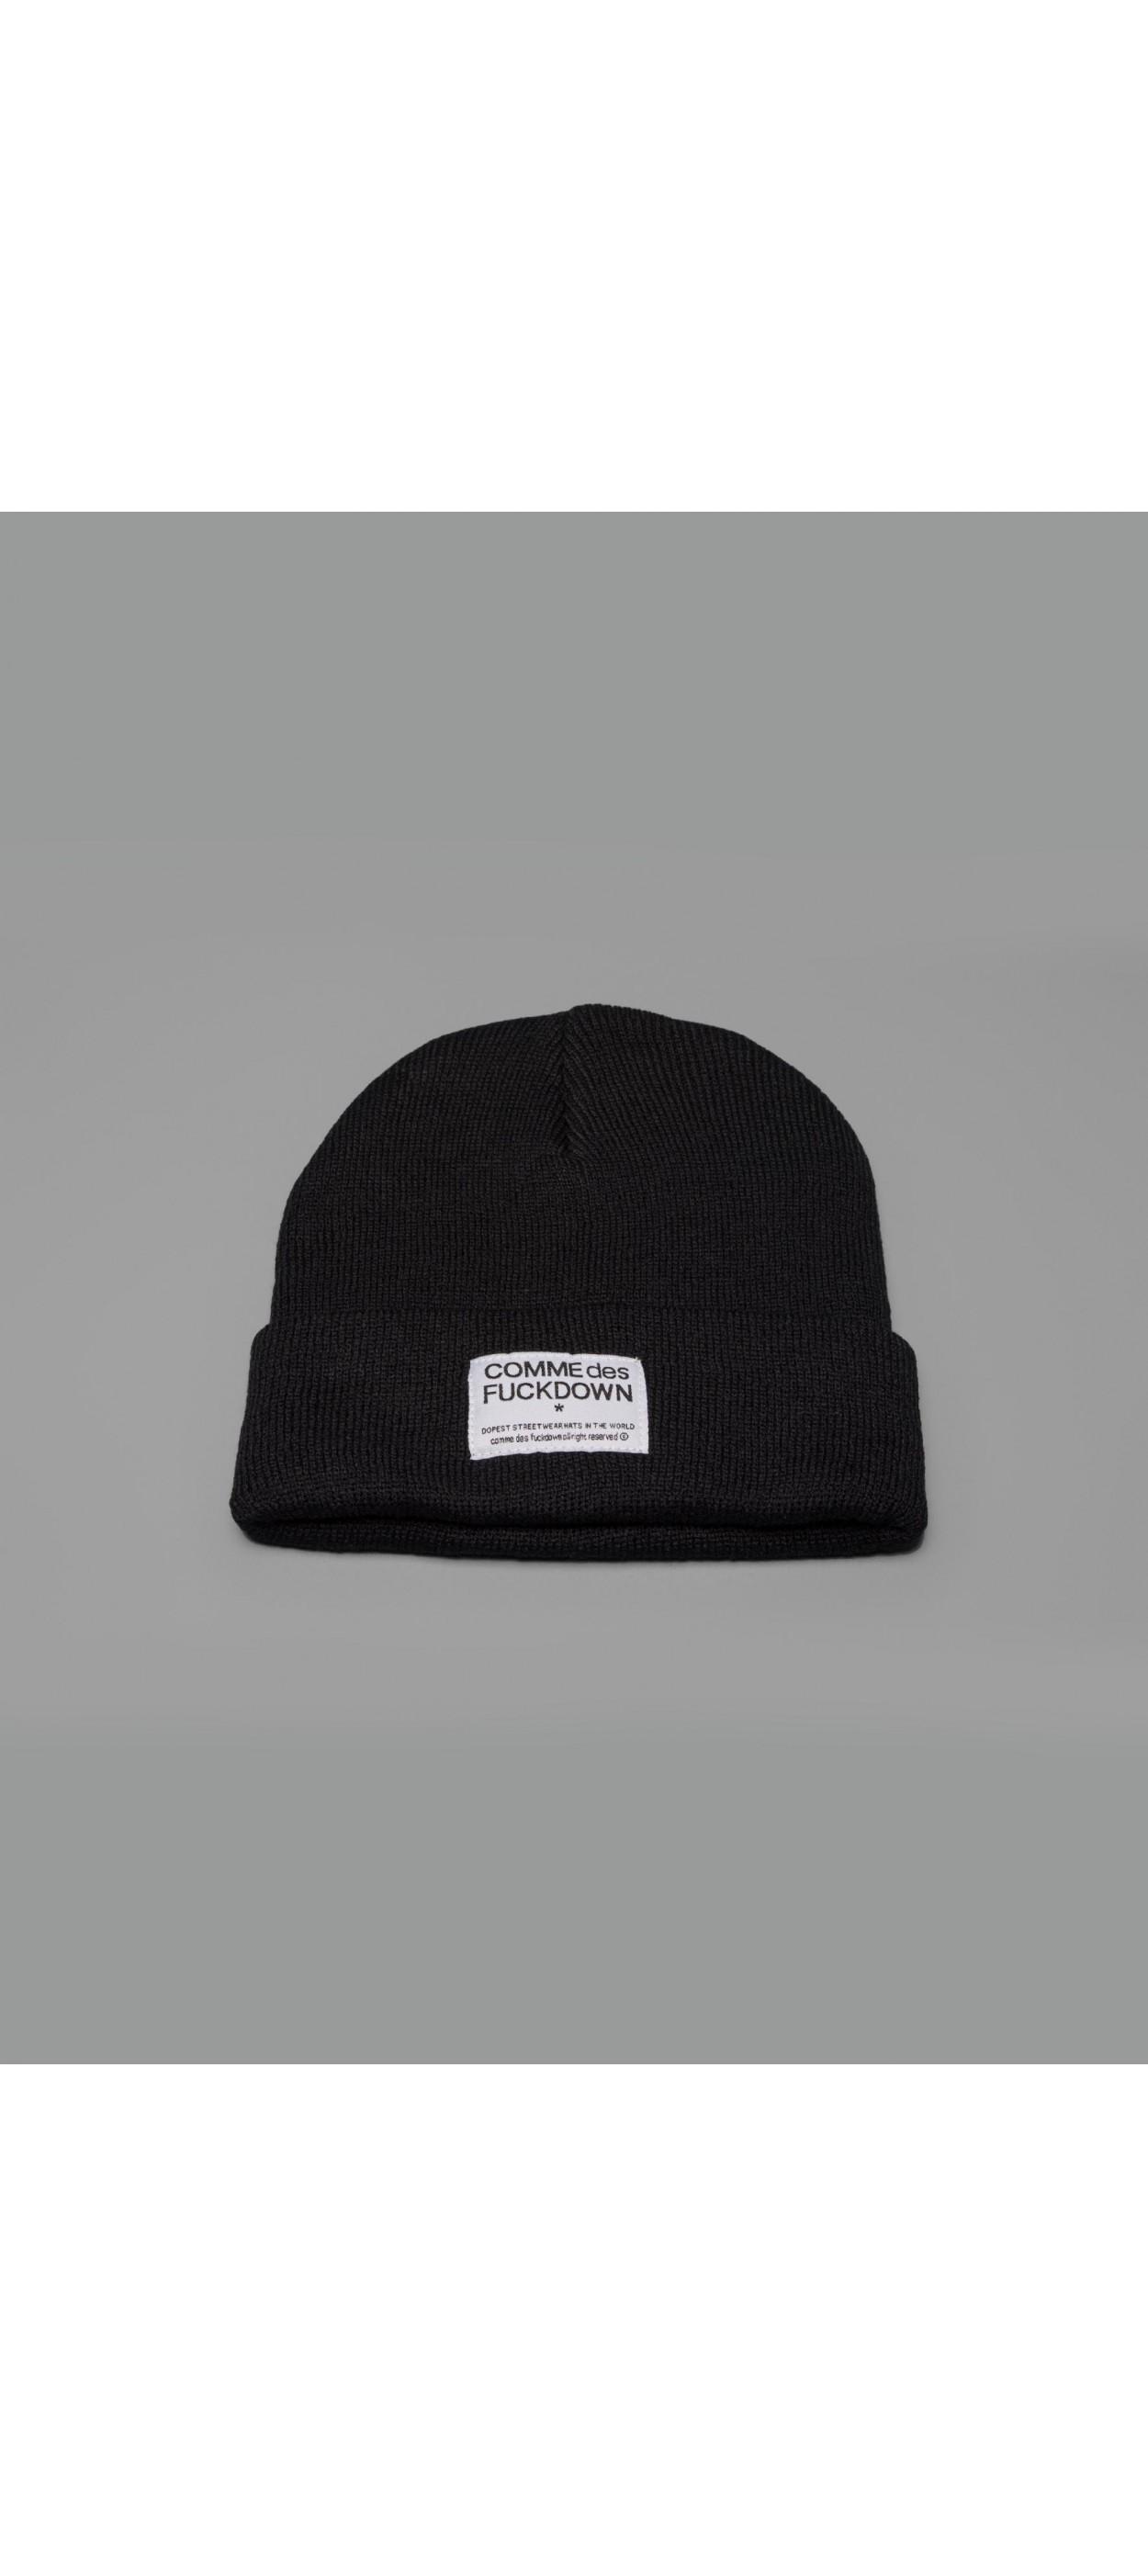 HAT - CDFA503 - COMME DES FKDOWN